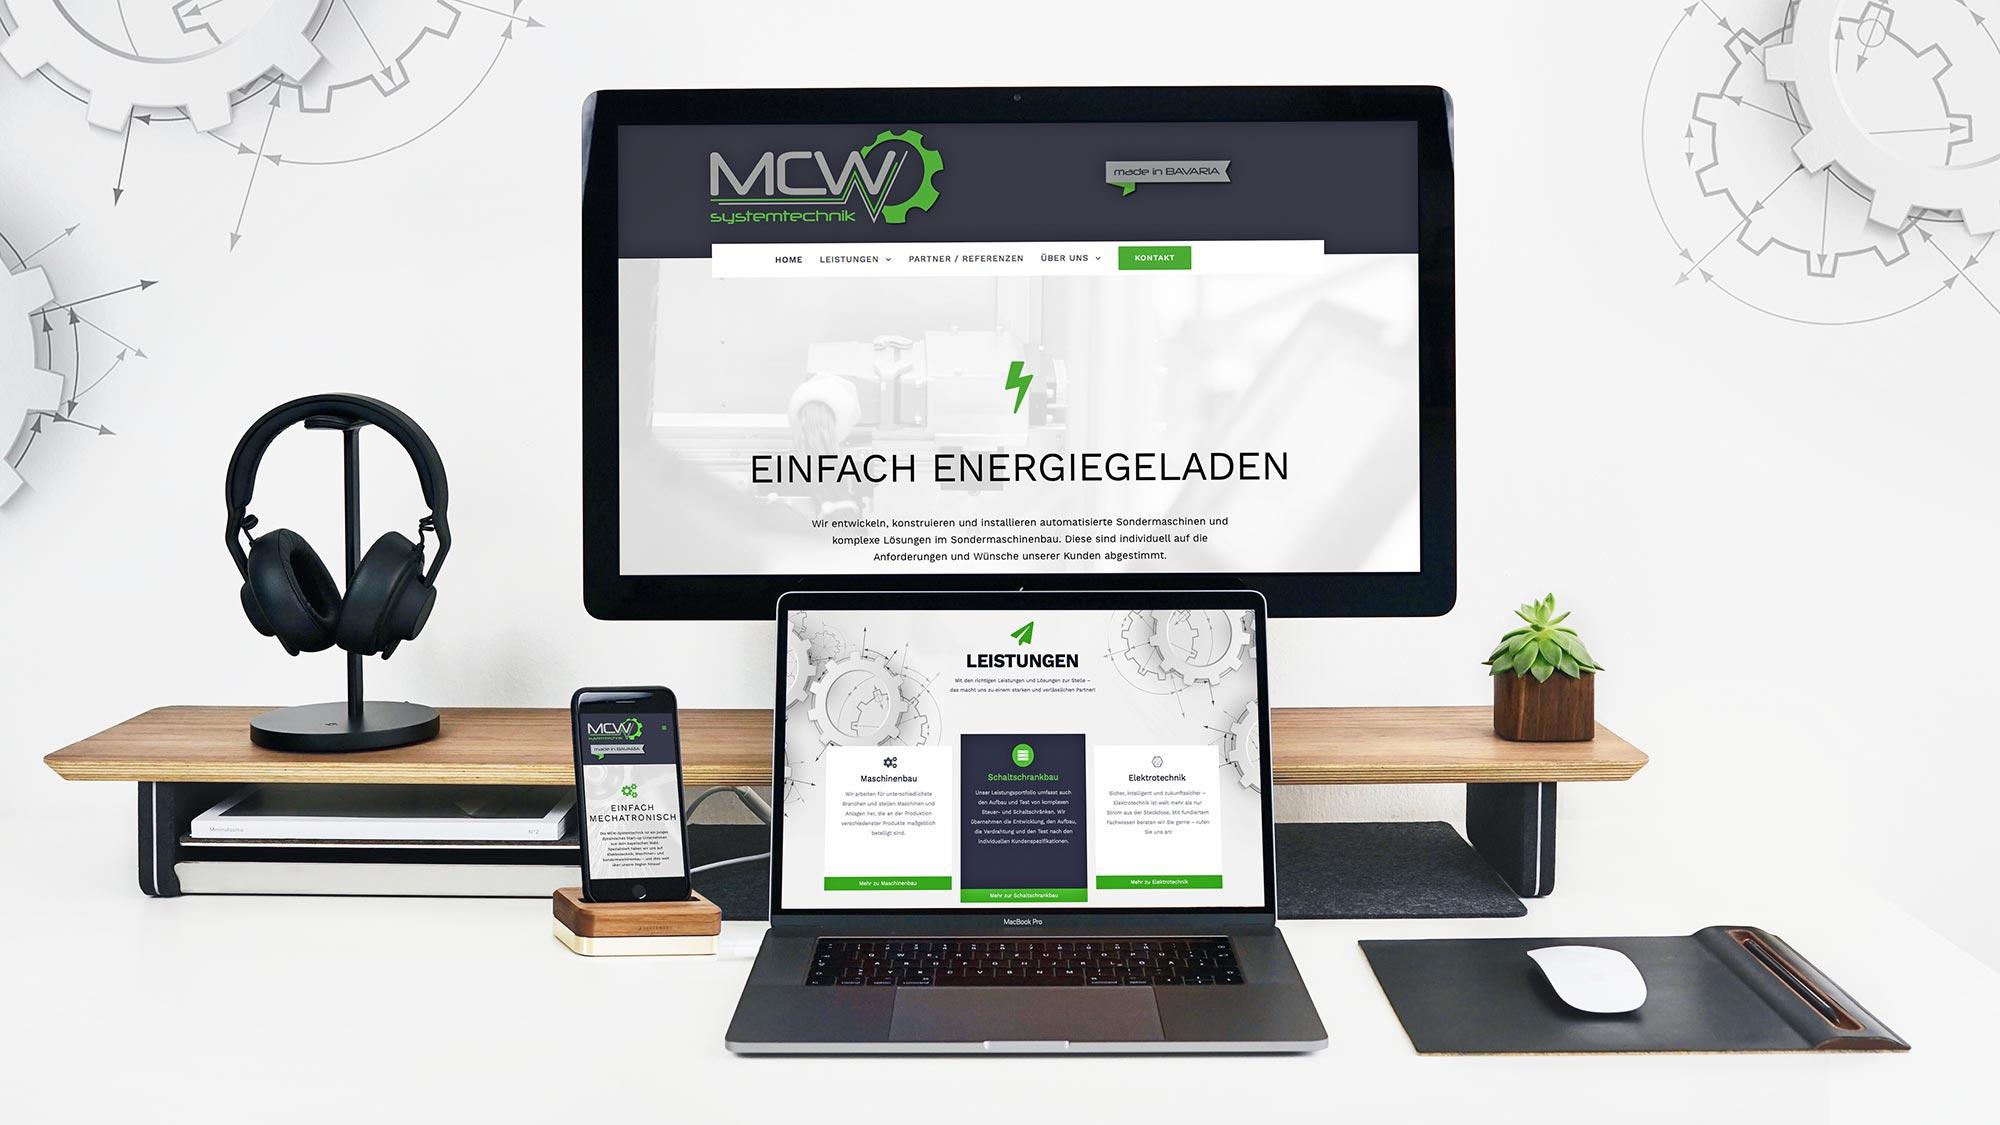 mcw_web_